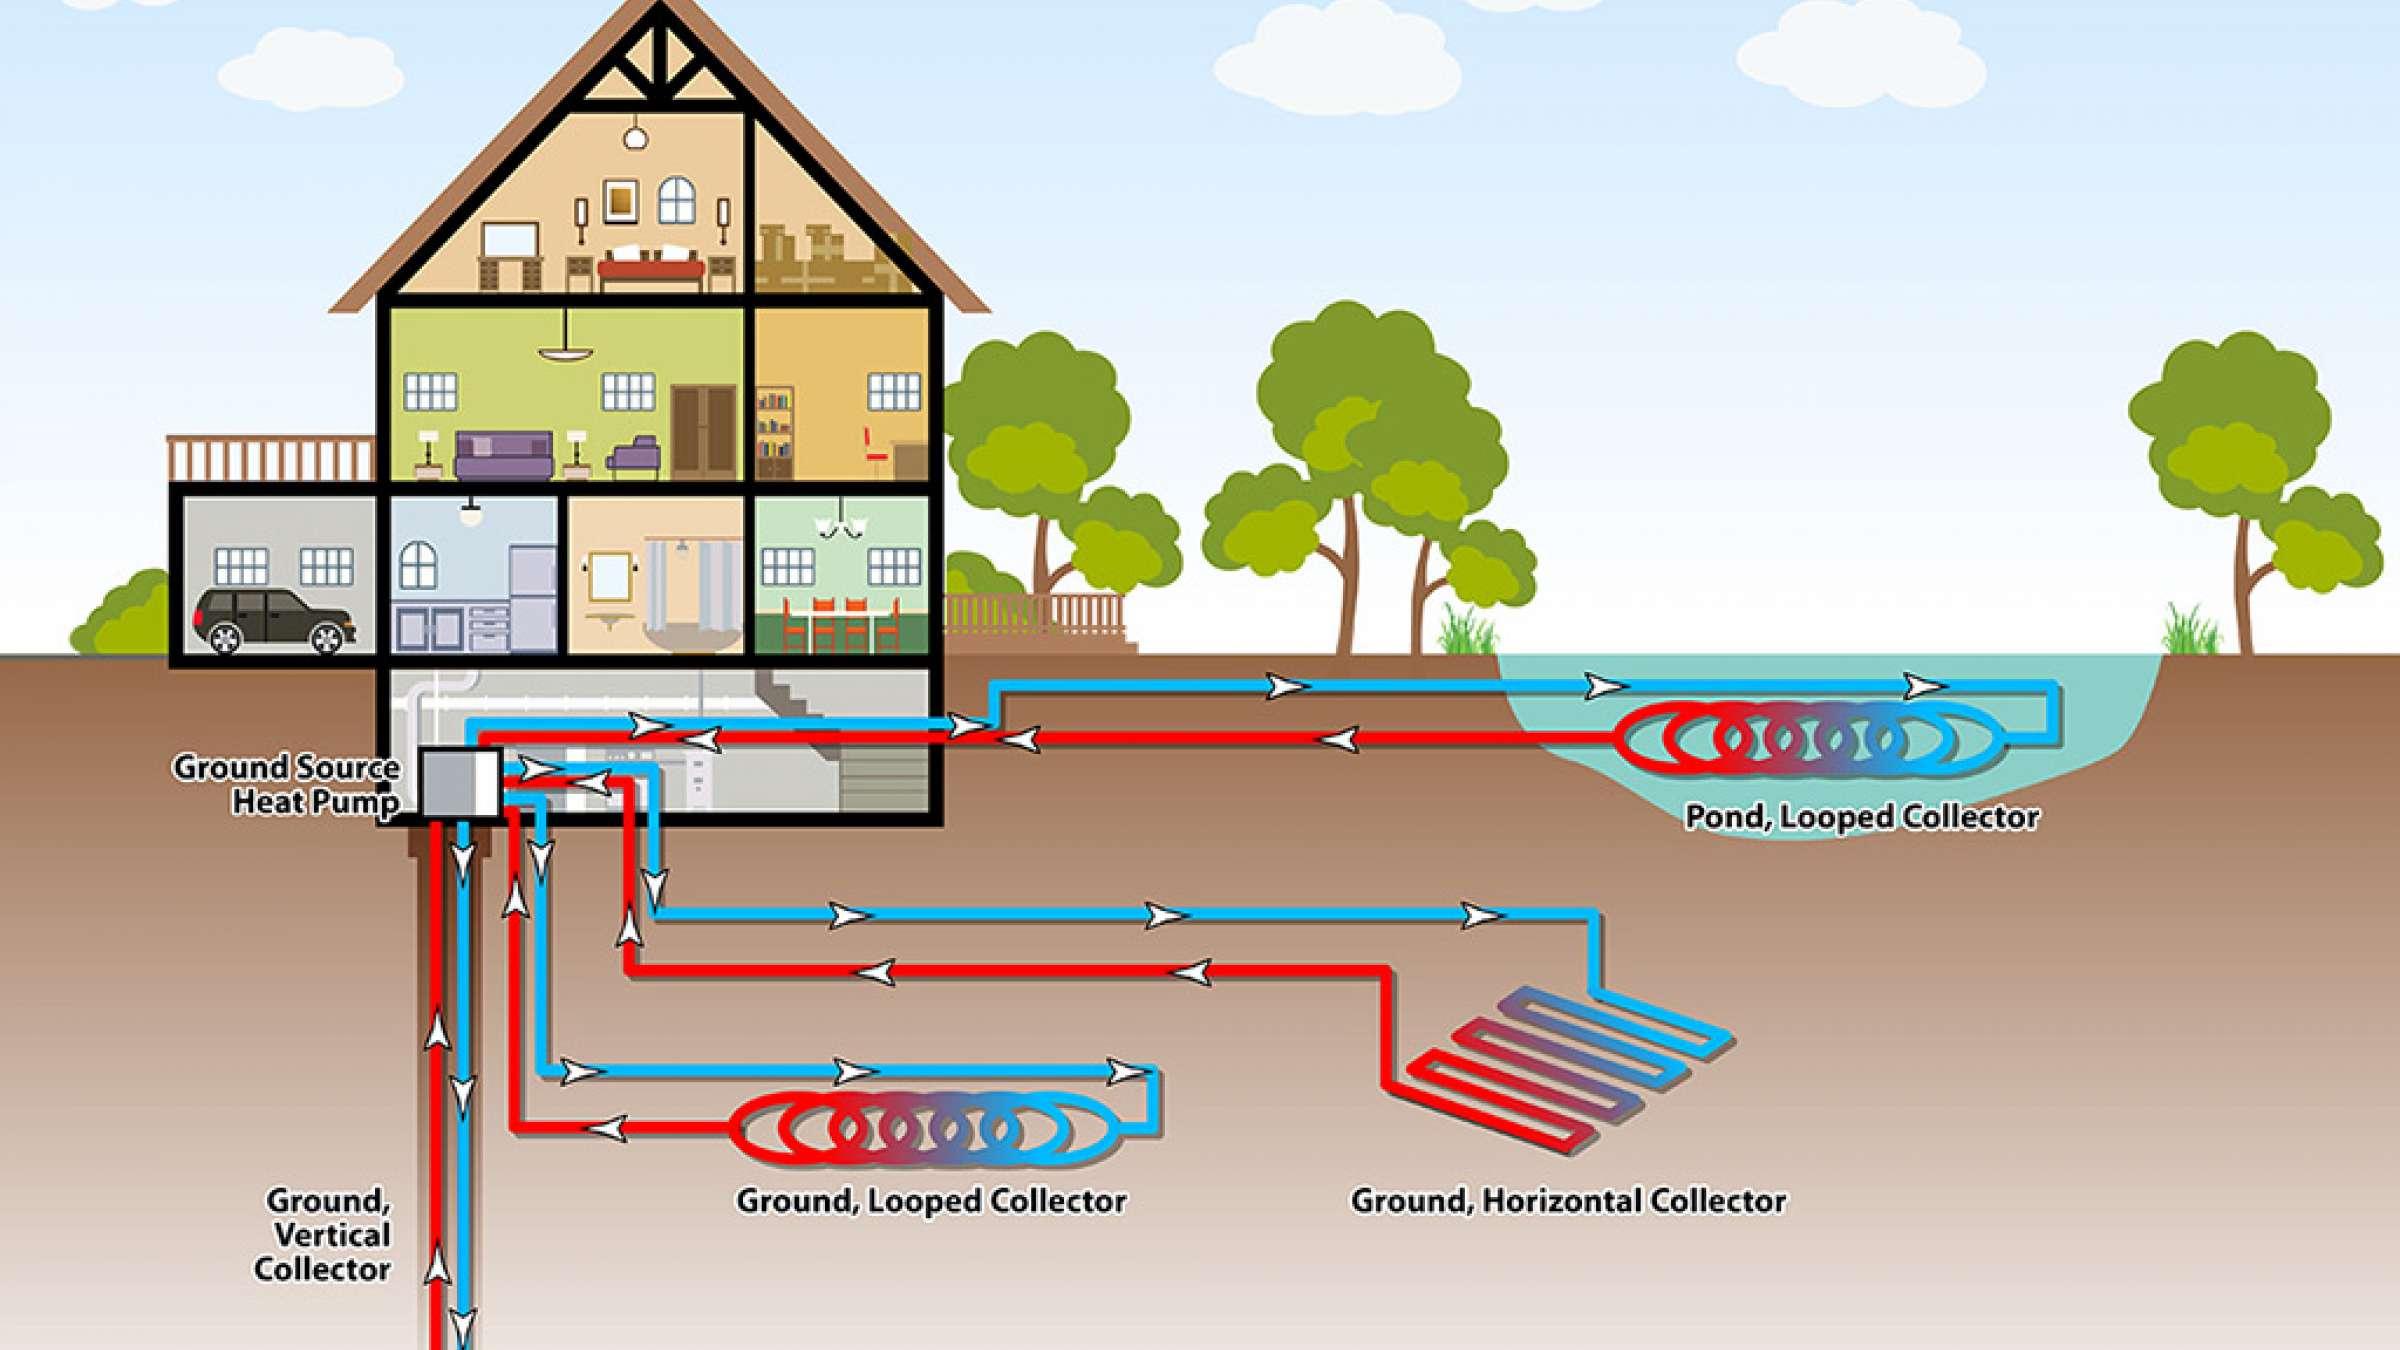 خانه-رامندی-استفاده-از-زمین-برای-گرمایش-خانه-نقشه